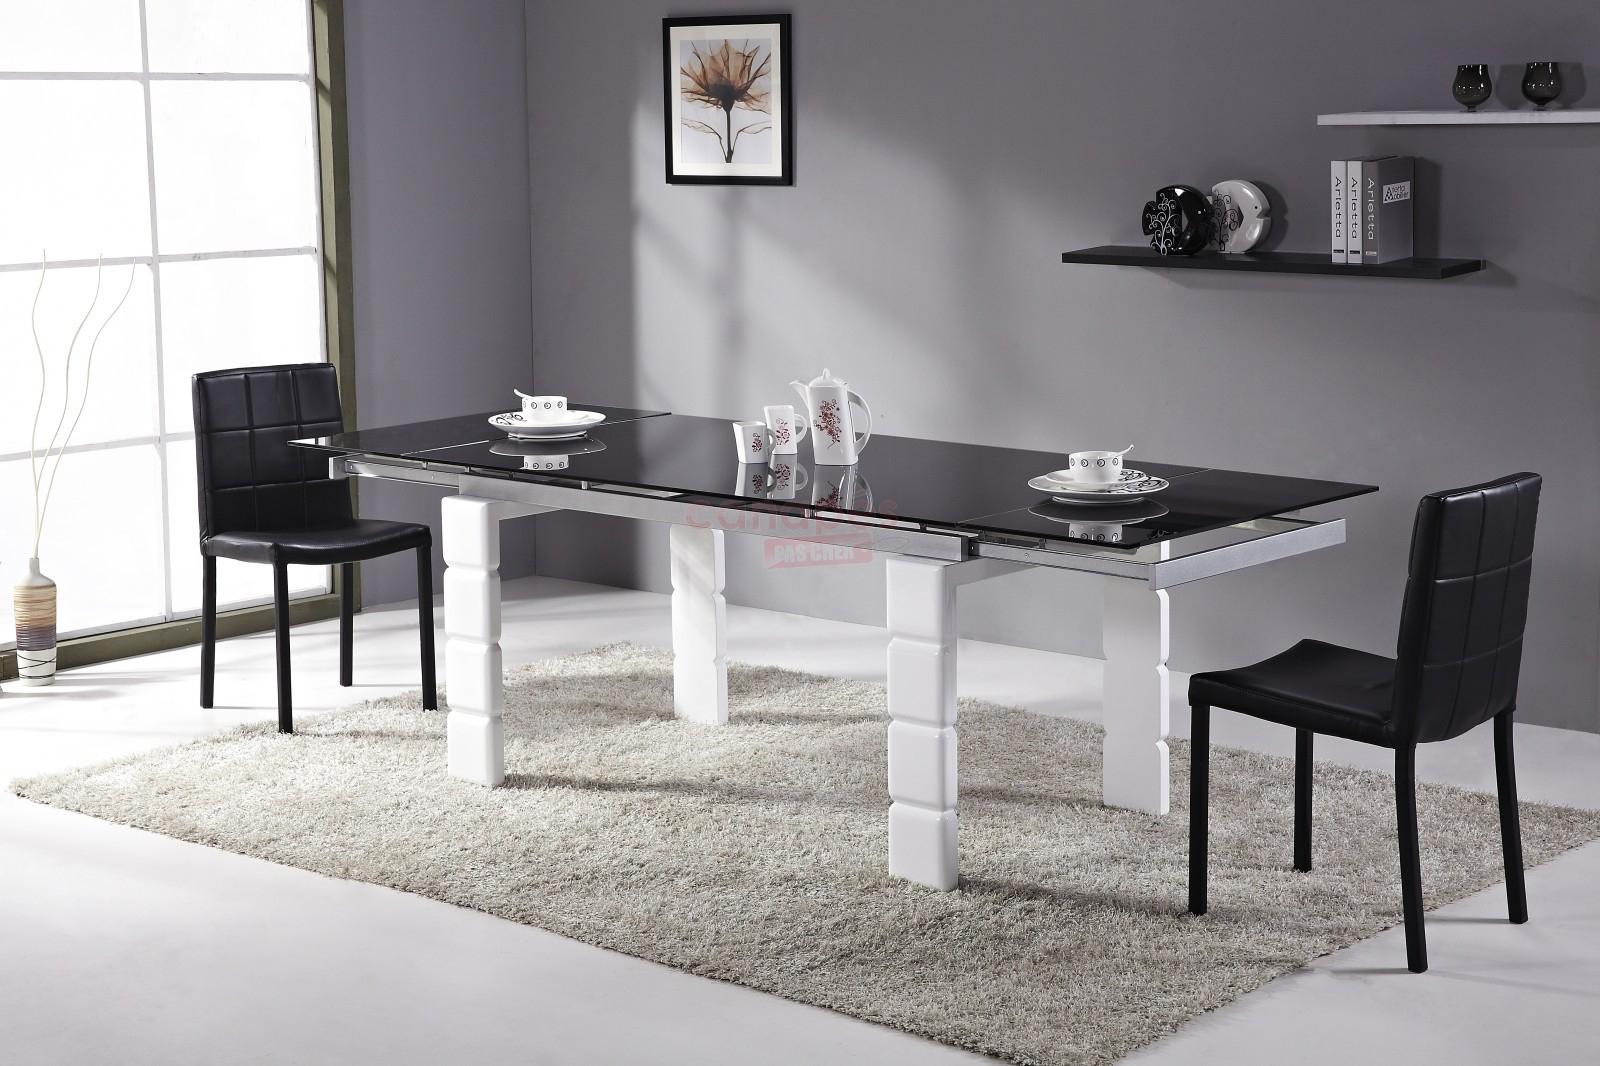 But Salle à Manger Beau Stock Table Blanche Pas Cher 15 Basse Blanc Laque Avec Rangement Lyate